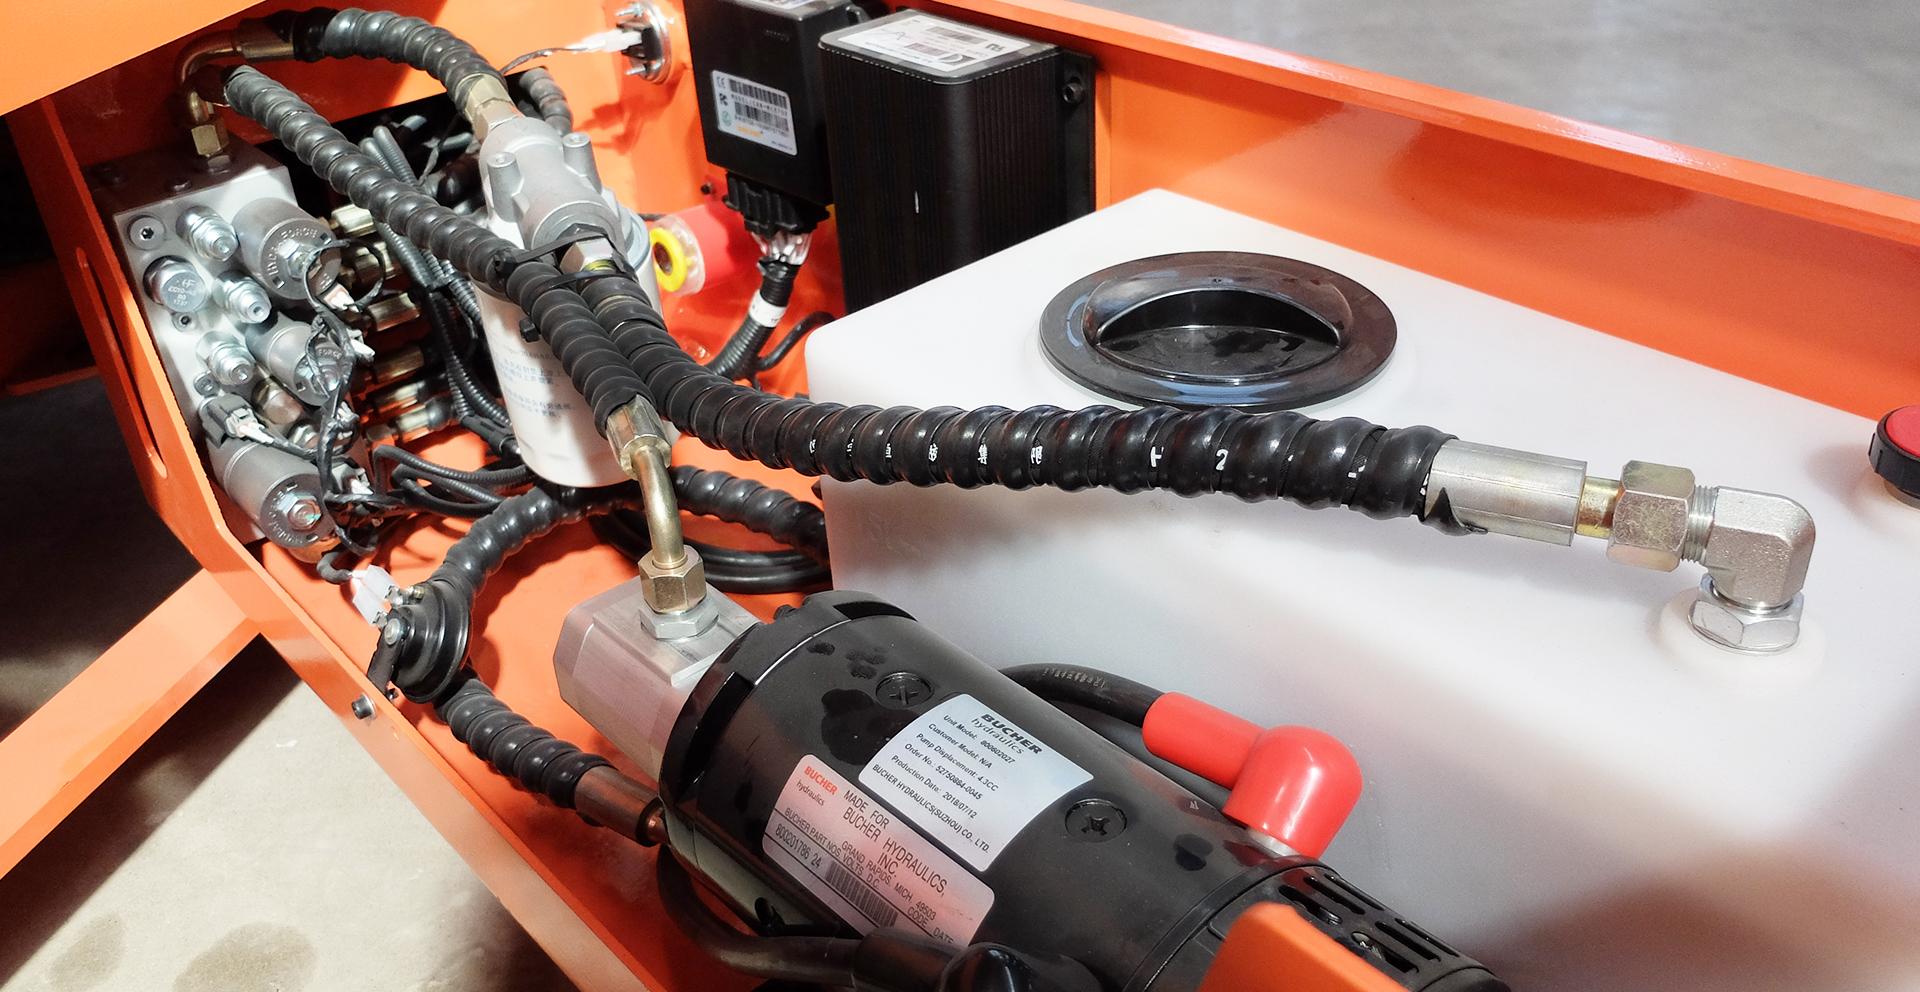 ระบบ-Hydraulic-รถ-Xlift-ลิฟท์ขากรรไกร-มาตรฐาน